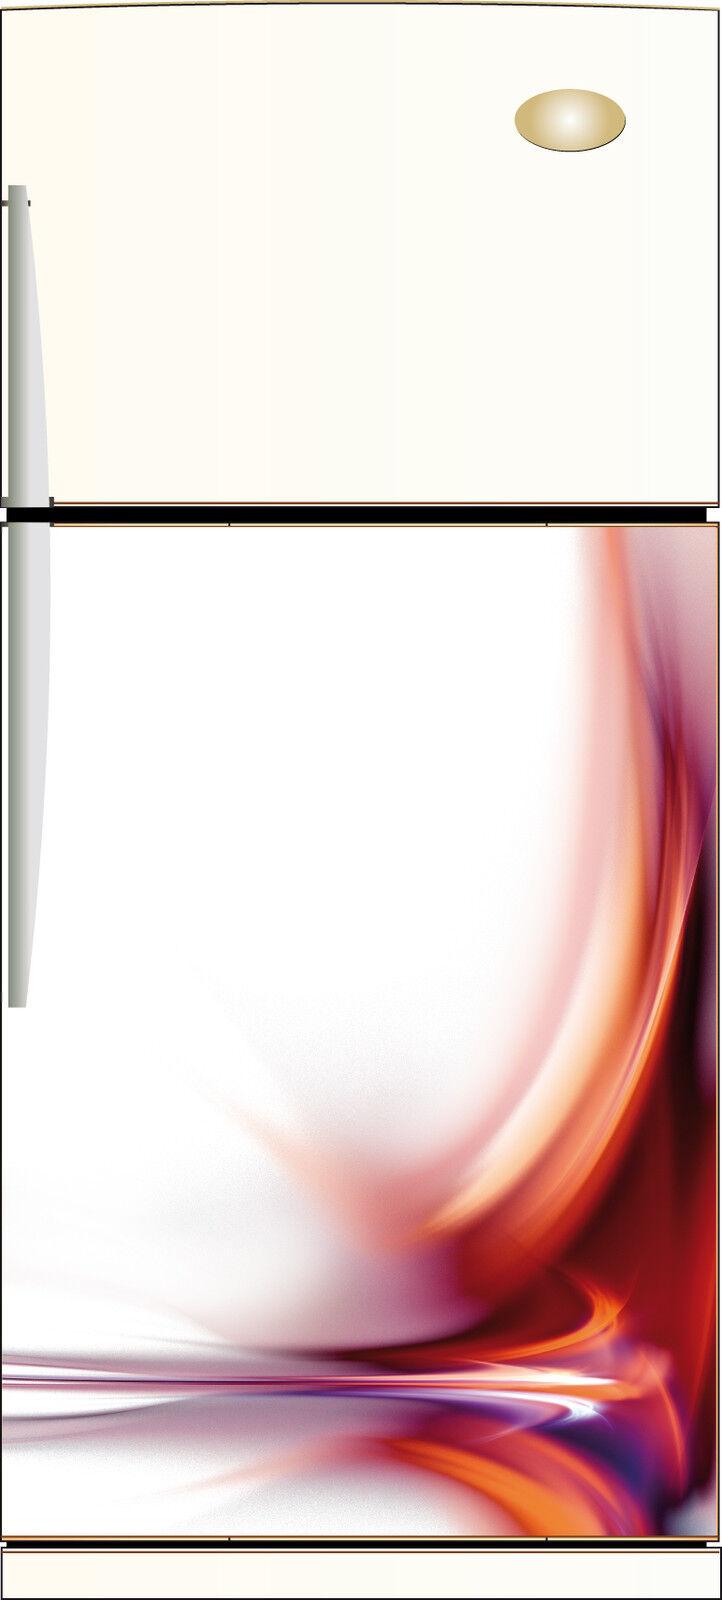 Adesivo Frigo Elettrodomestici Decocrazione Cucina Design 60x90cm Ref 057